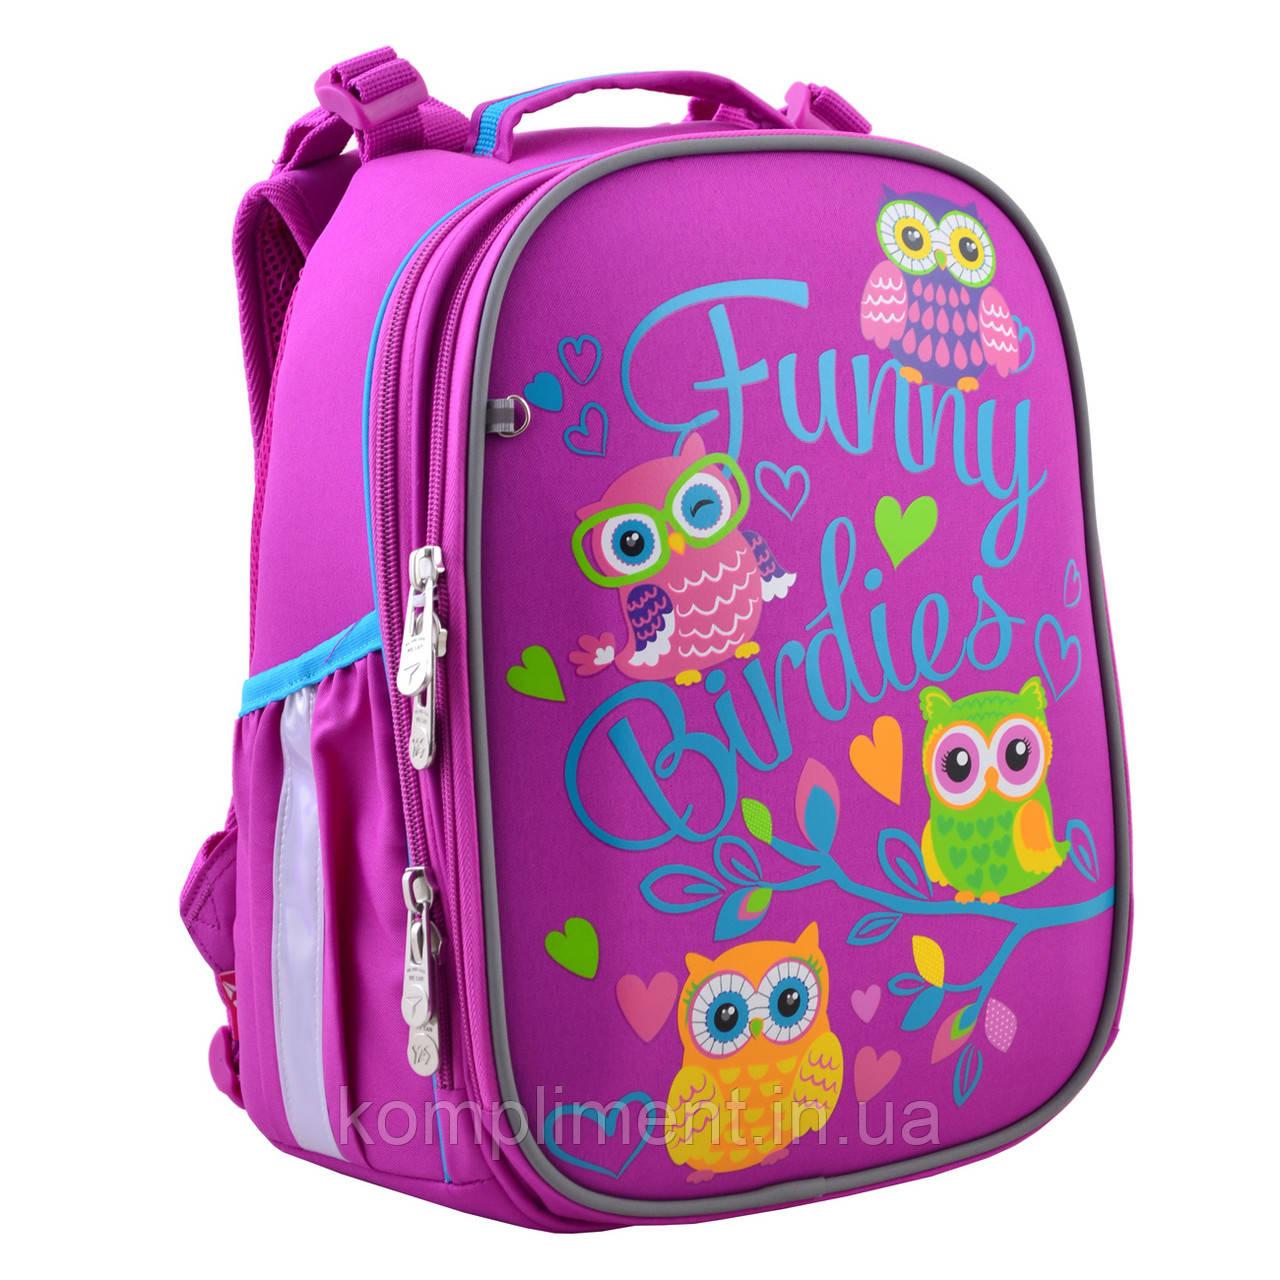 """Рюкзак шкільний каркасний ортопедичний для дівчинки H-25 """"Funny Birdies"""", YES"""